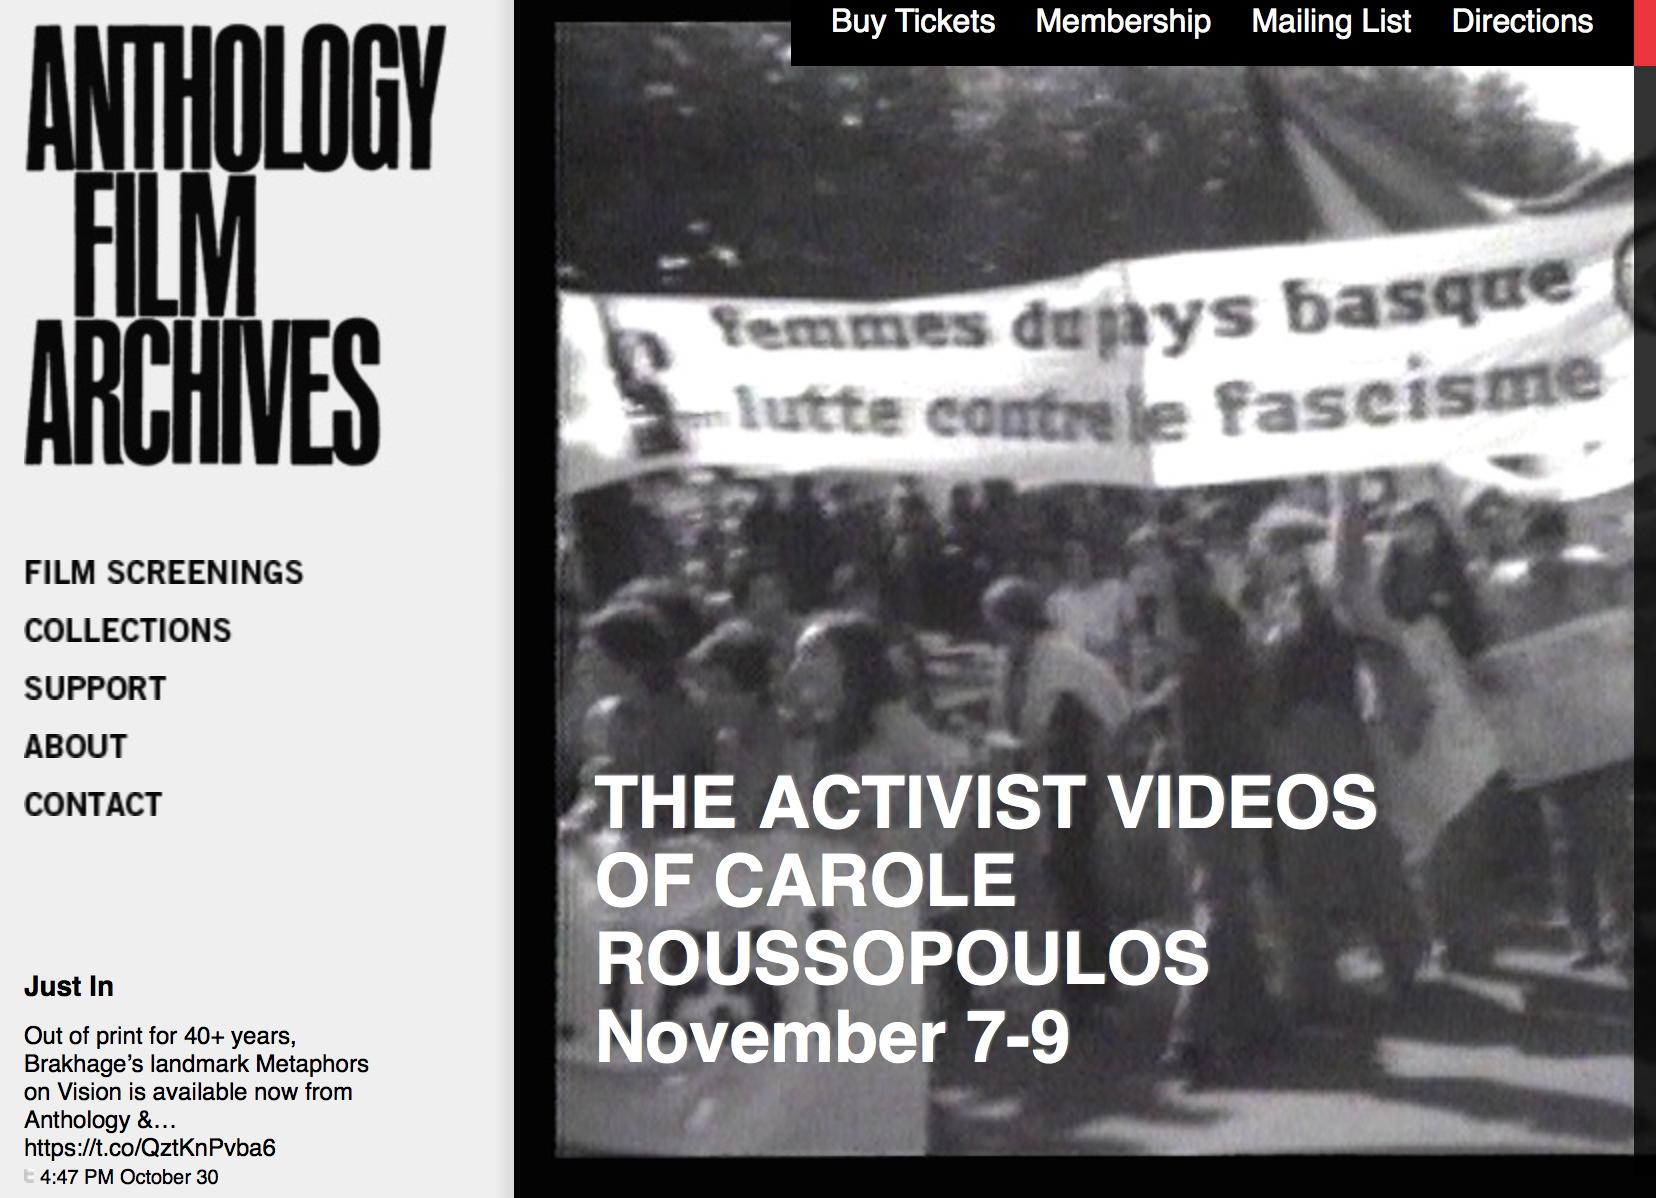 7 au 9 novembre : vidéos de Carole Roussopoulos à l'Anthology Film Archives de NY